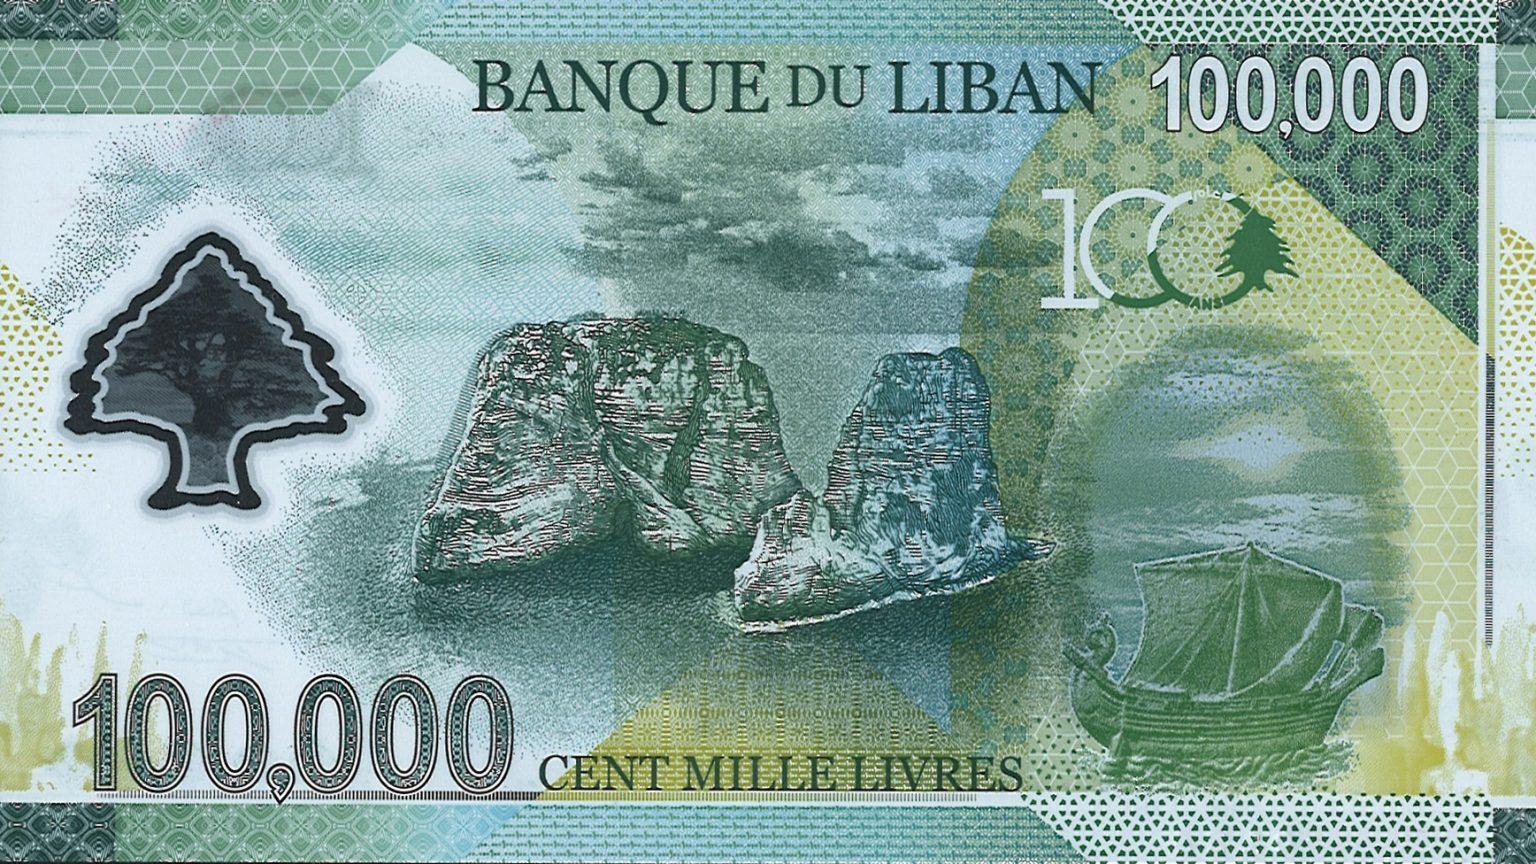 Ливан памятная банкнота 100 000 фунтов 100-летию Великого Ливана, лицевая сторона